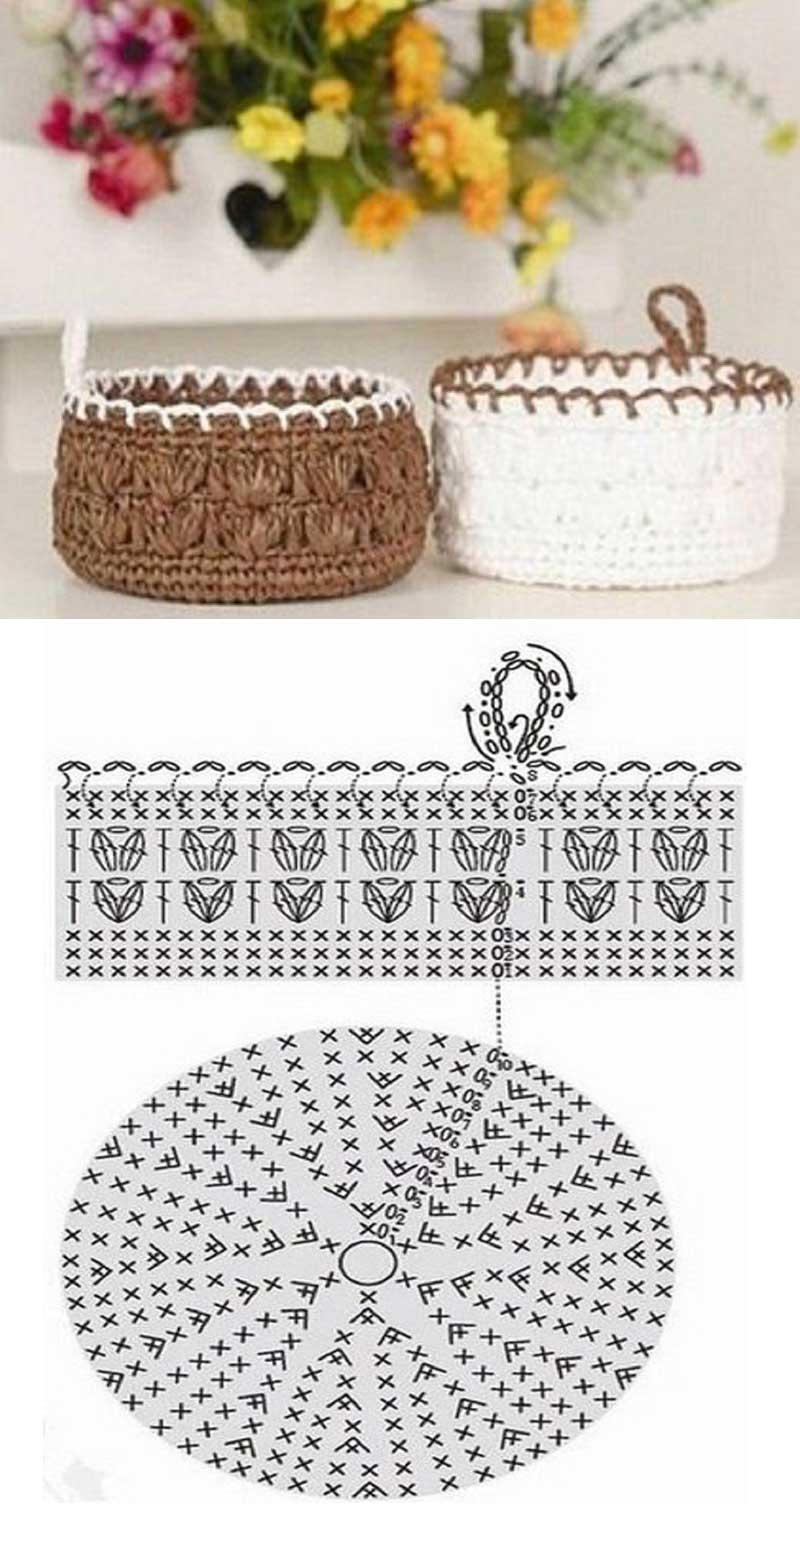 Cesta tejido en crochet